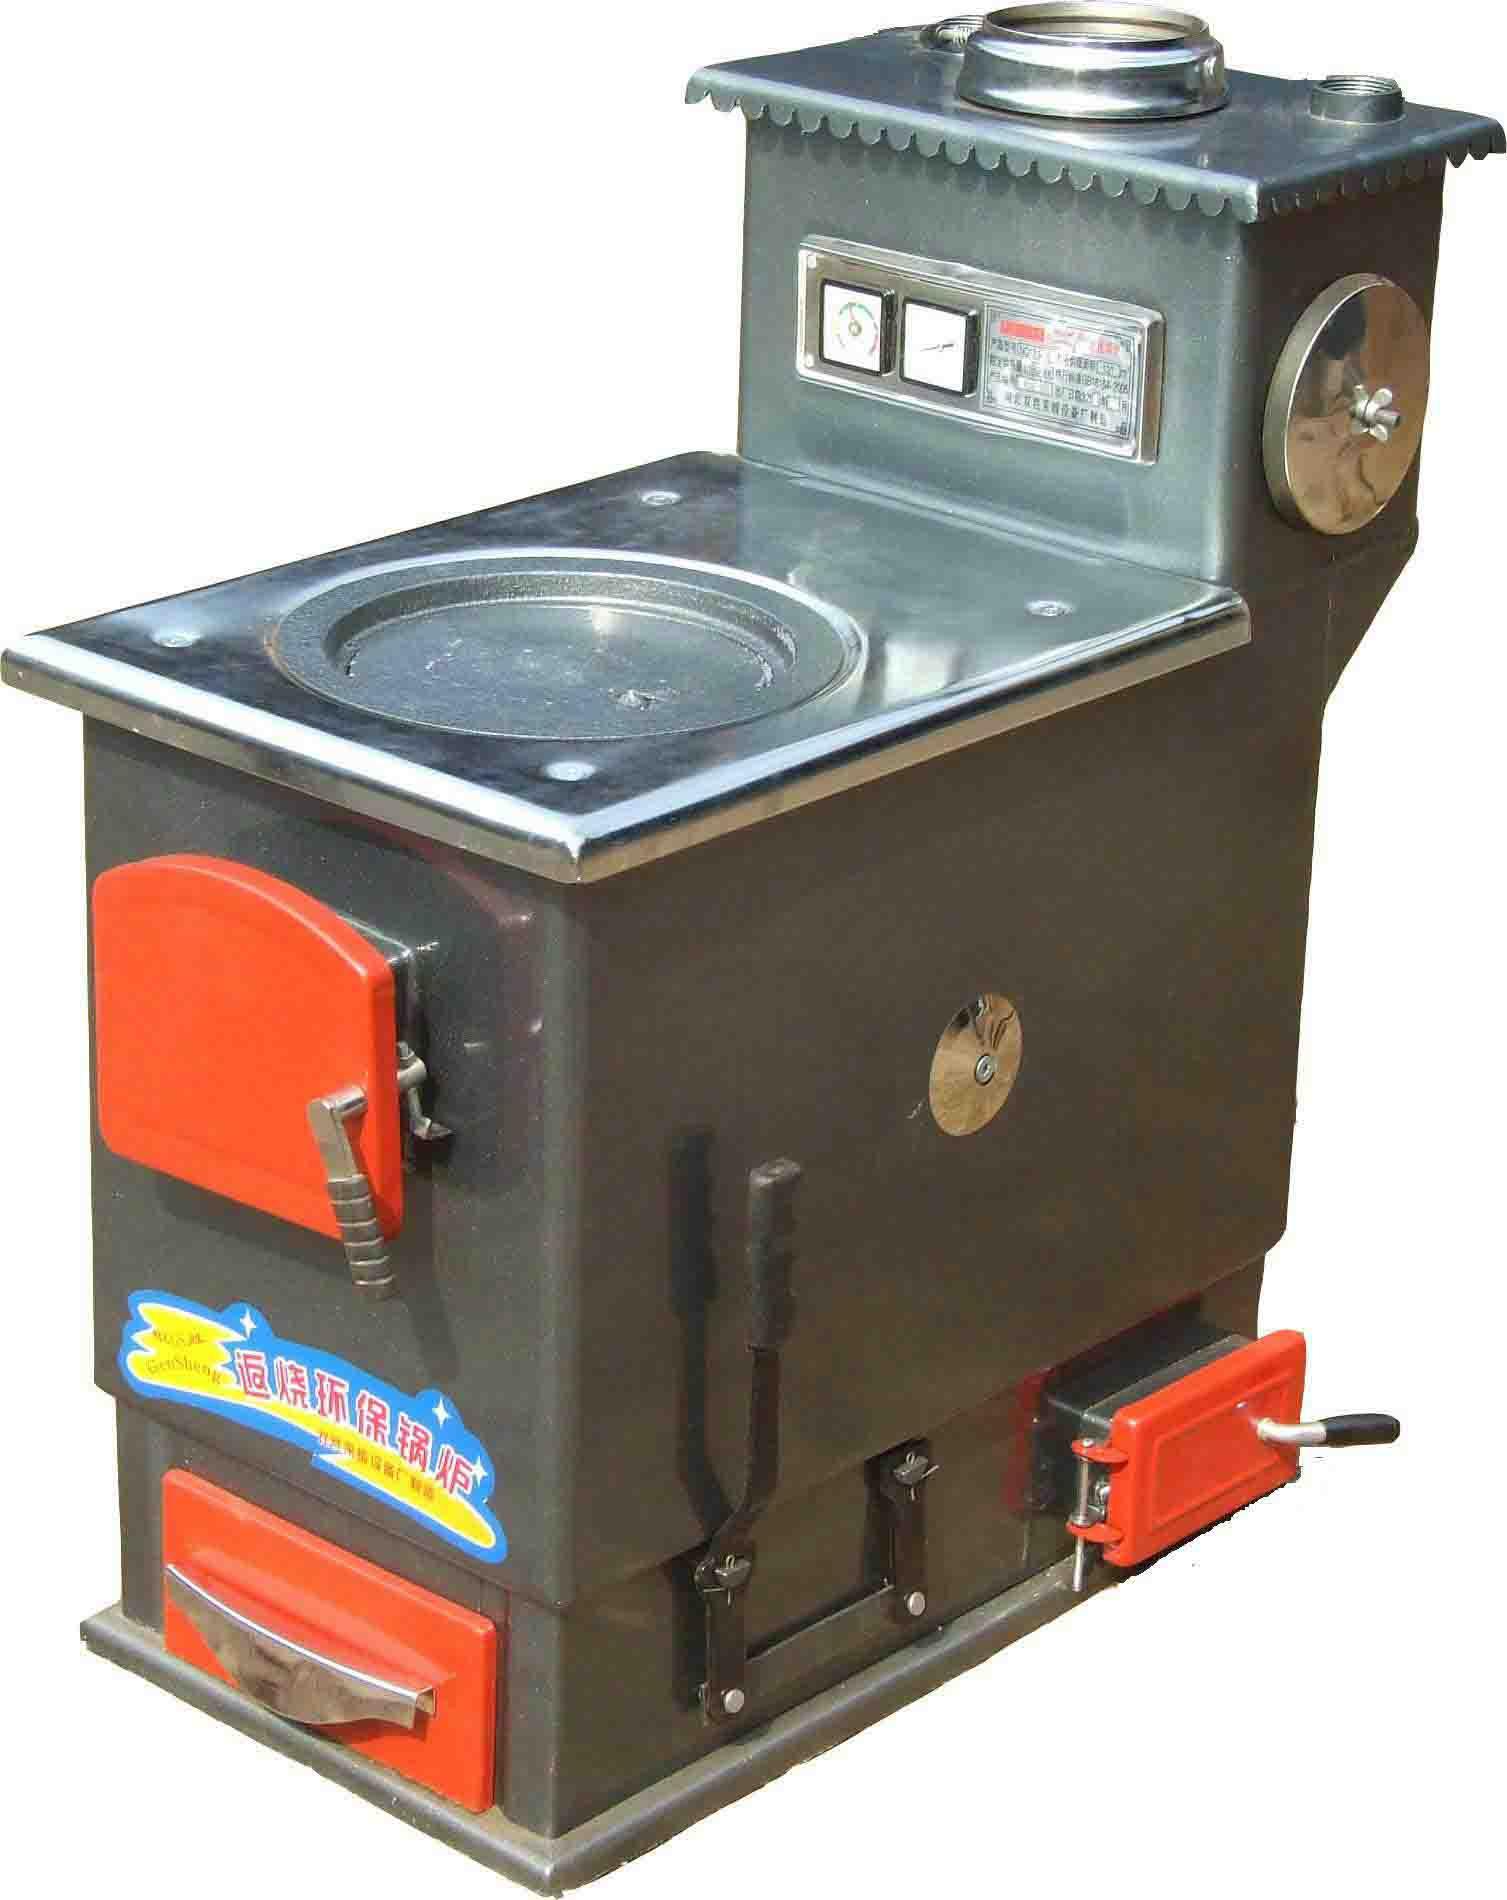 炉结构设计先进合理,多回程返烧环保又节能